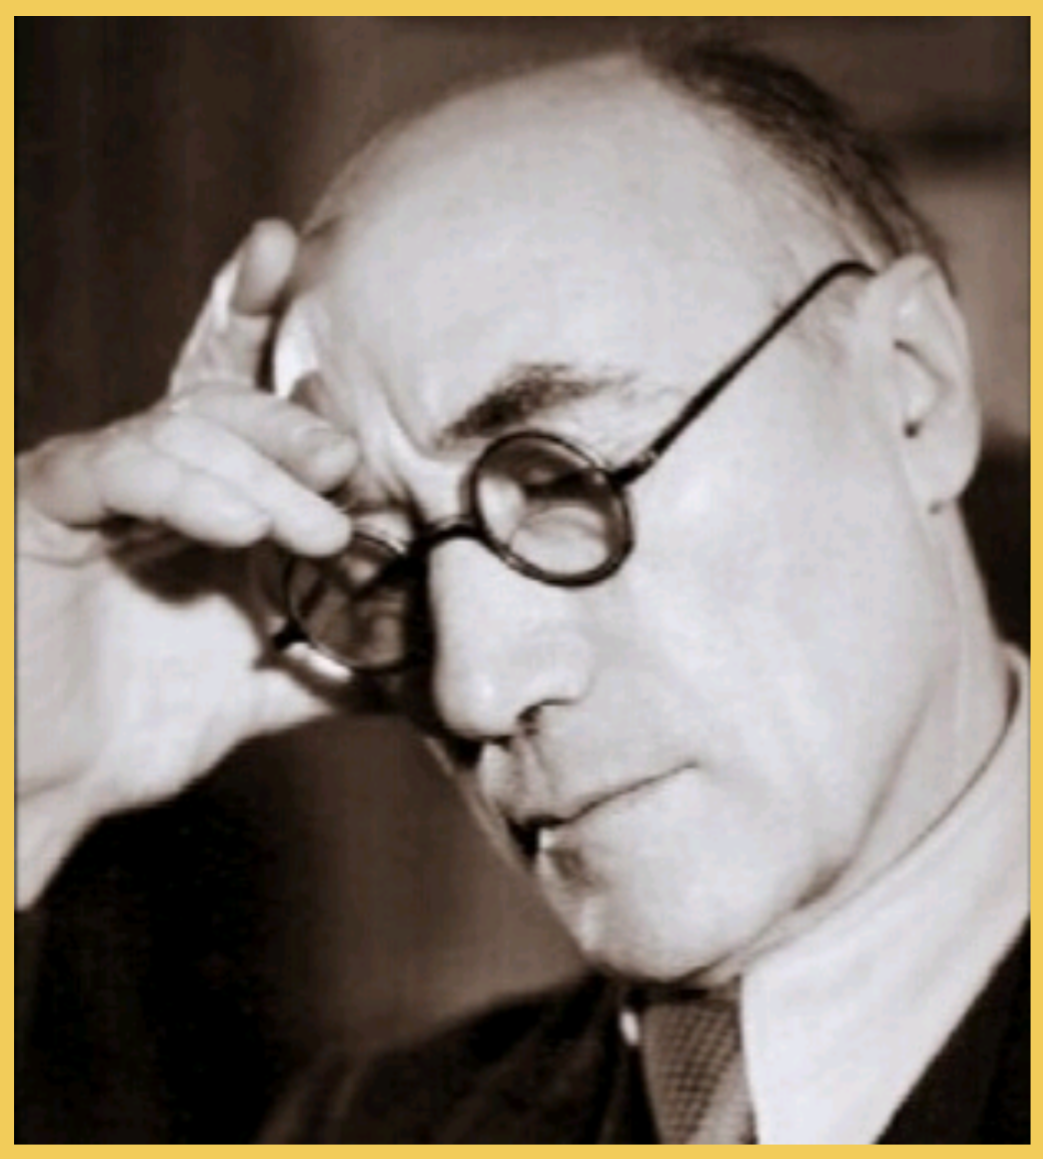 诺贝尔奖 获得者    经典语录100句 一生至少要读一次